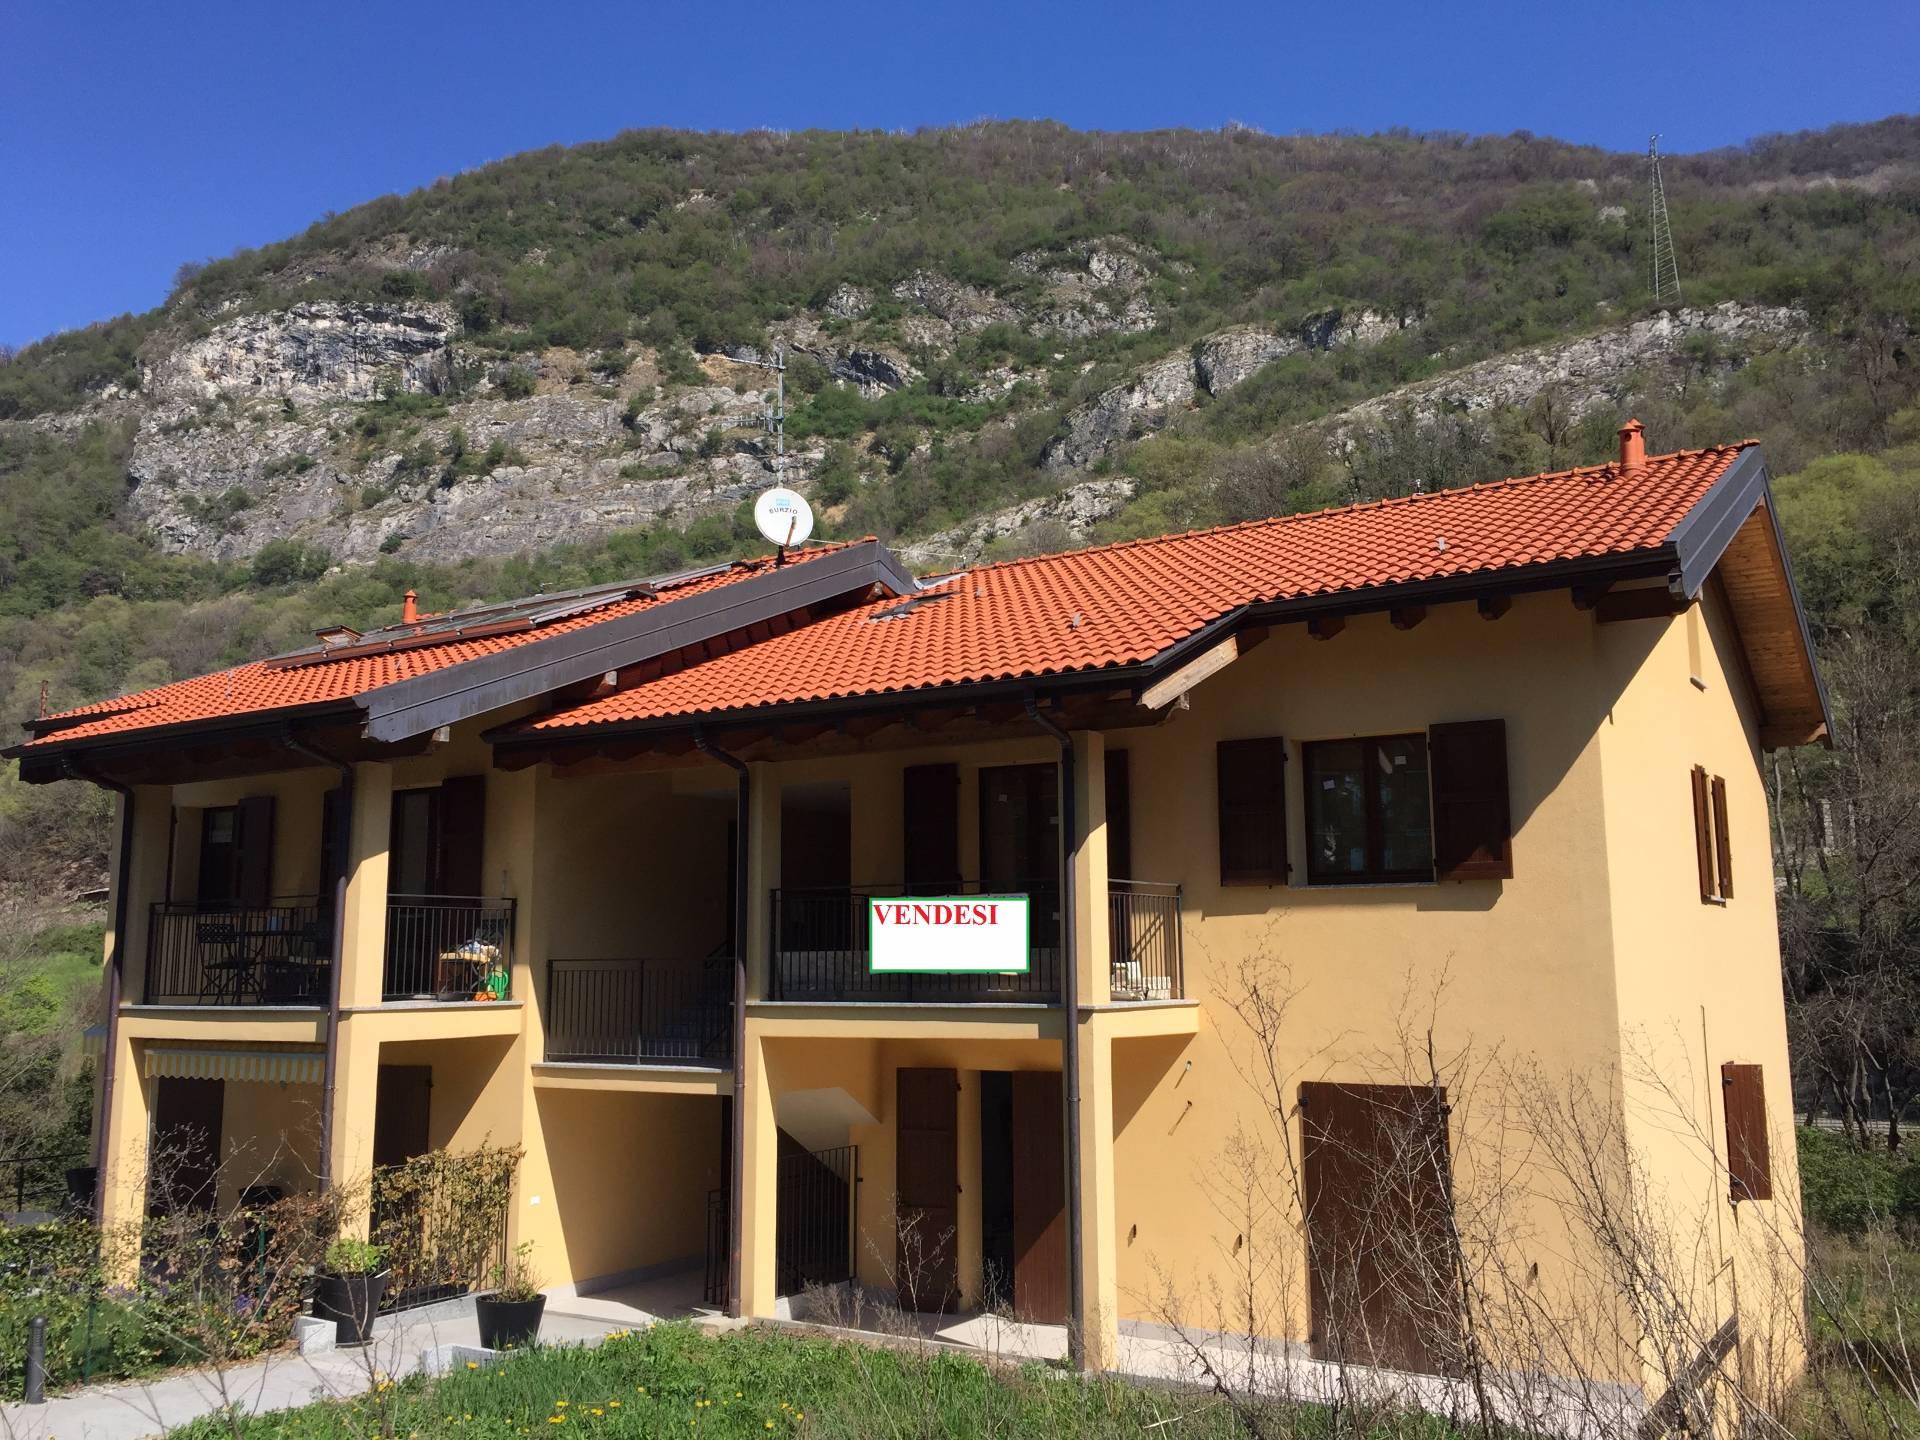 Appartamento in vendita a Canzo, 3 locali, prezzo € 130.000   CambioCasa.it